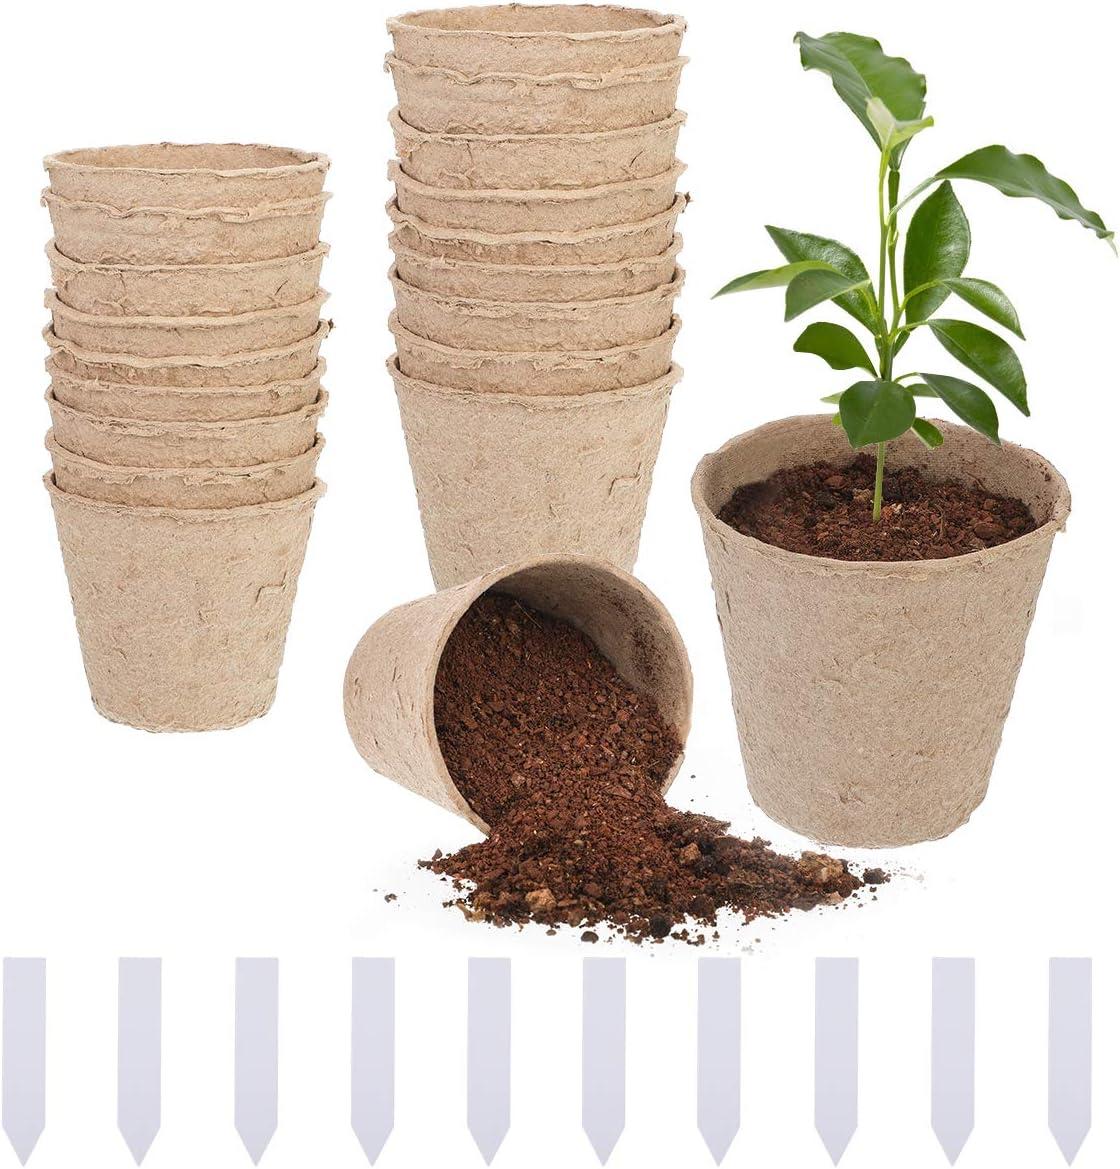 Litthing 20 Pcs Macetas Biodegradables para Flores Planta Semilleros Pote con Etiquetas Macetas de Turba para Plántulas Jardinería Plantas Botes Ecológicas